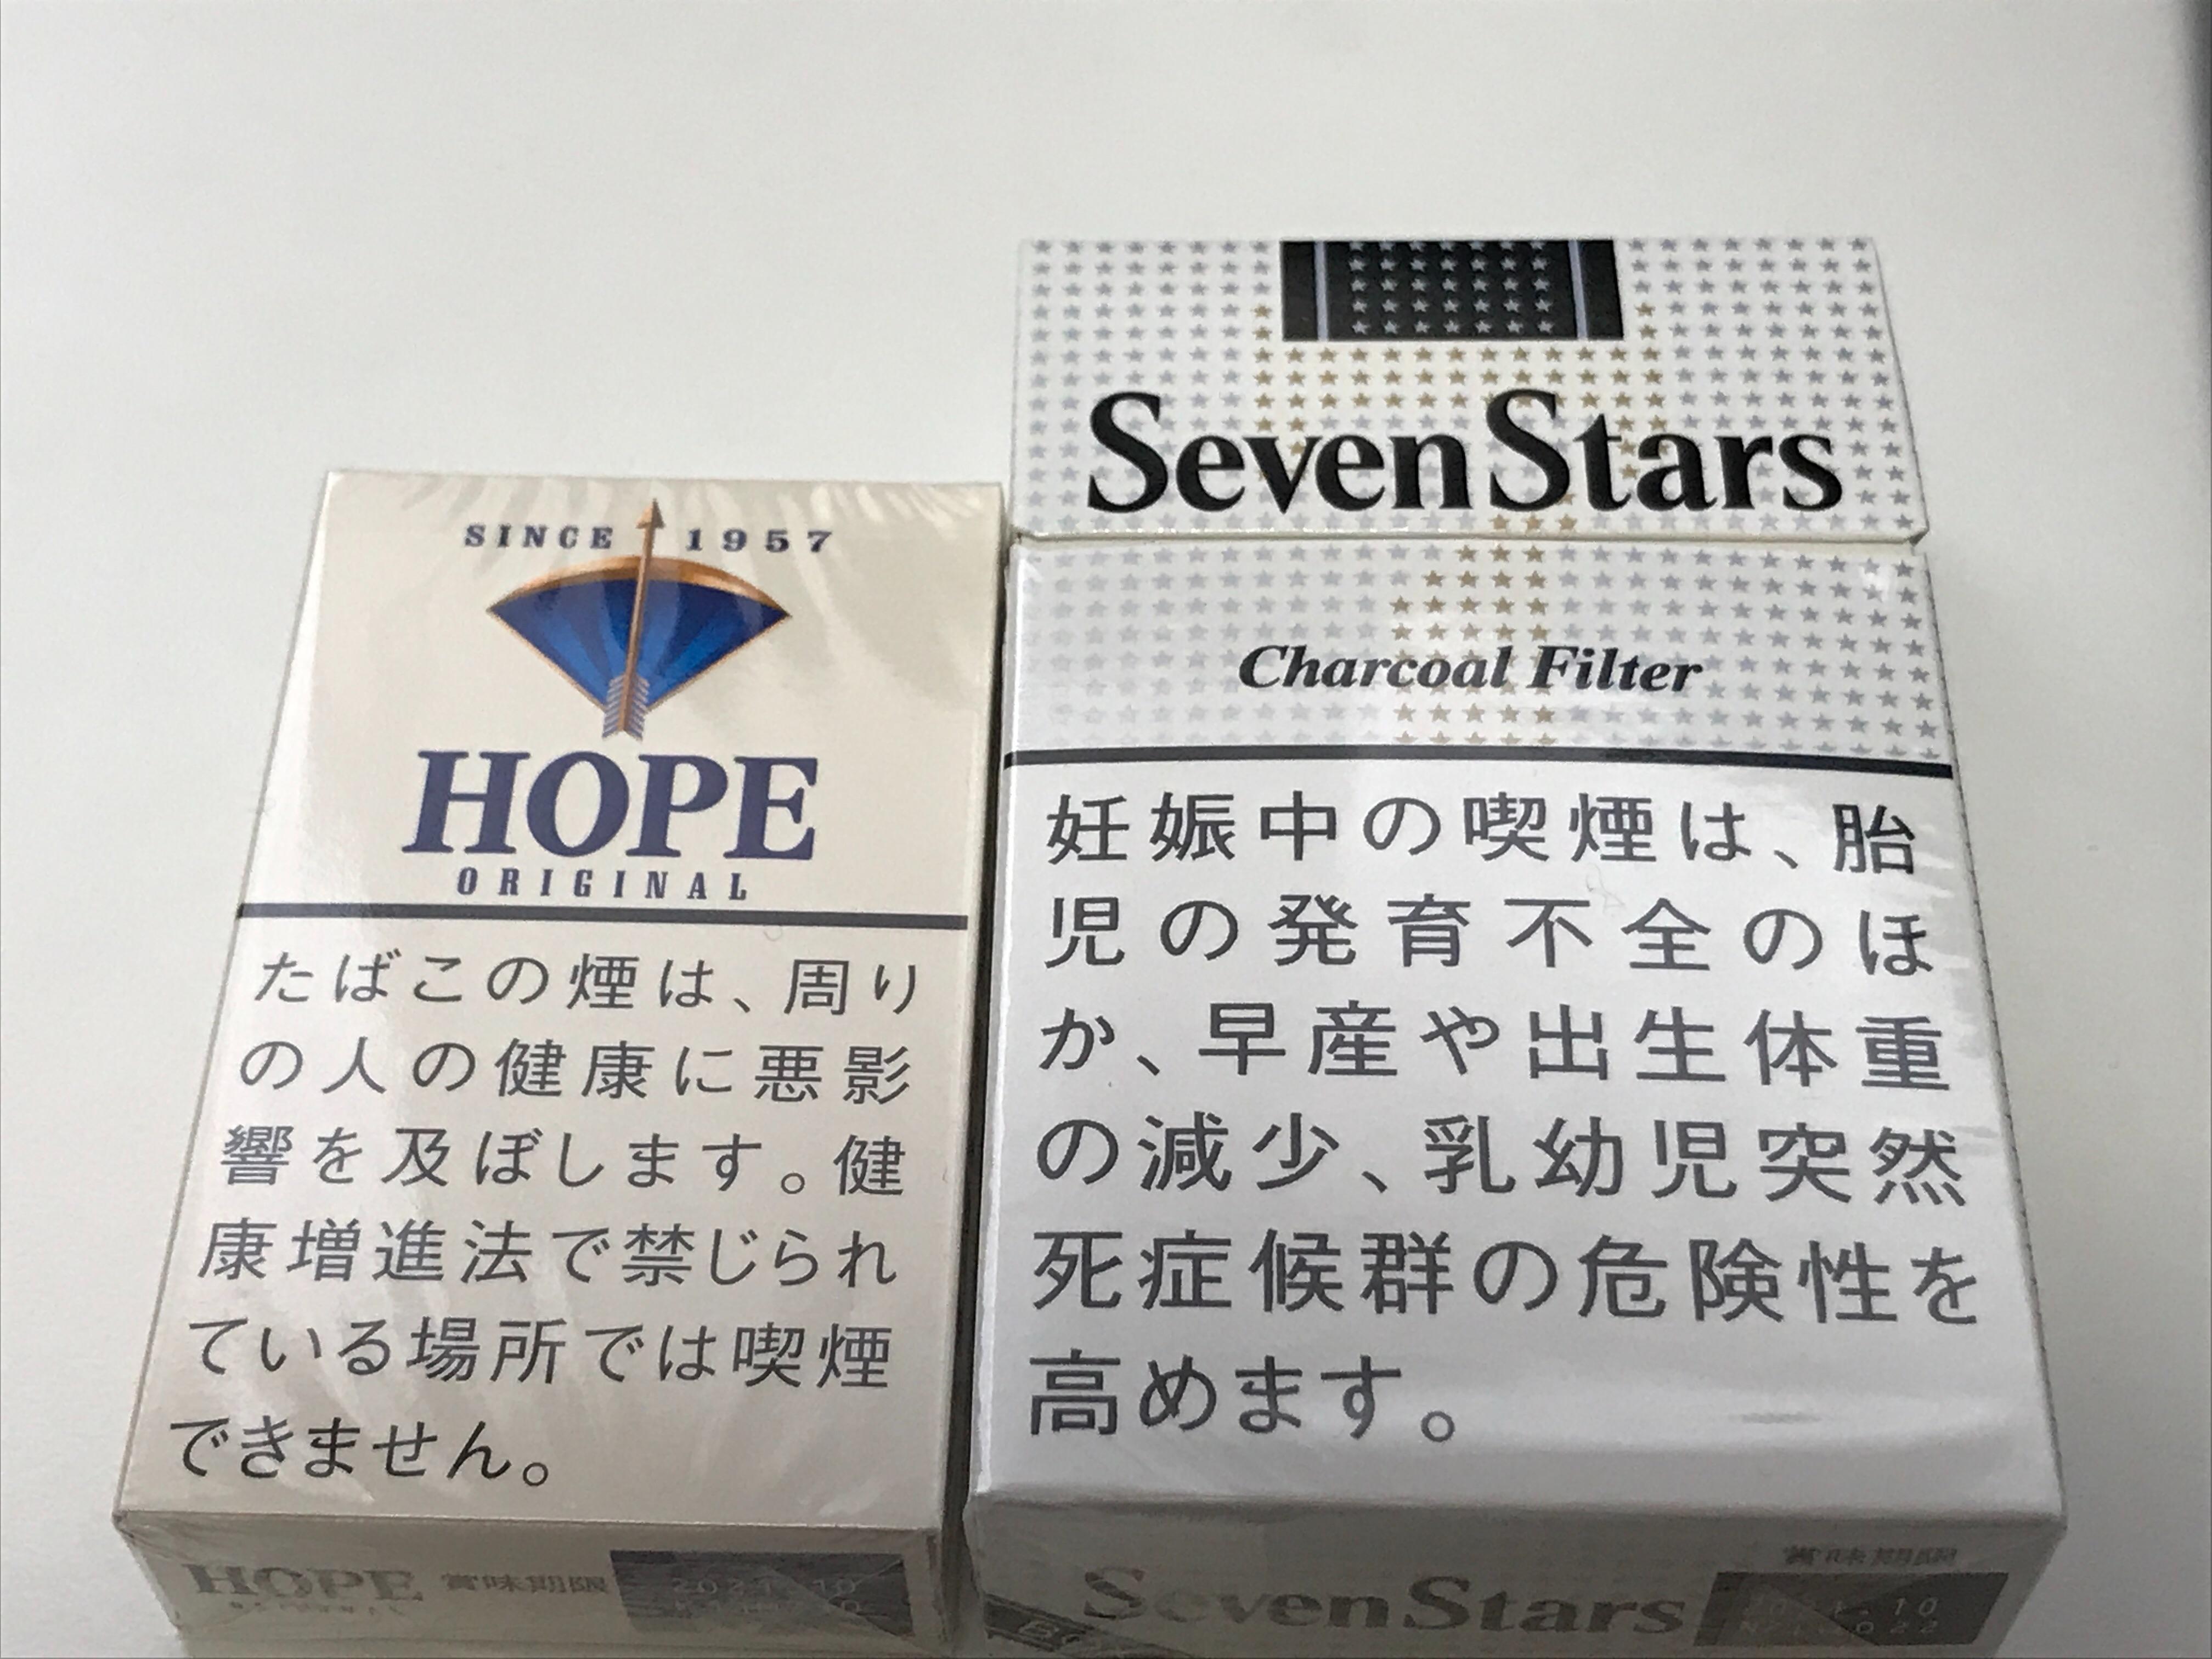 f:id:SeisoSakuya:20210330173230j:image